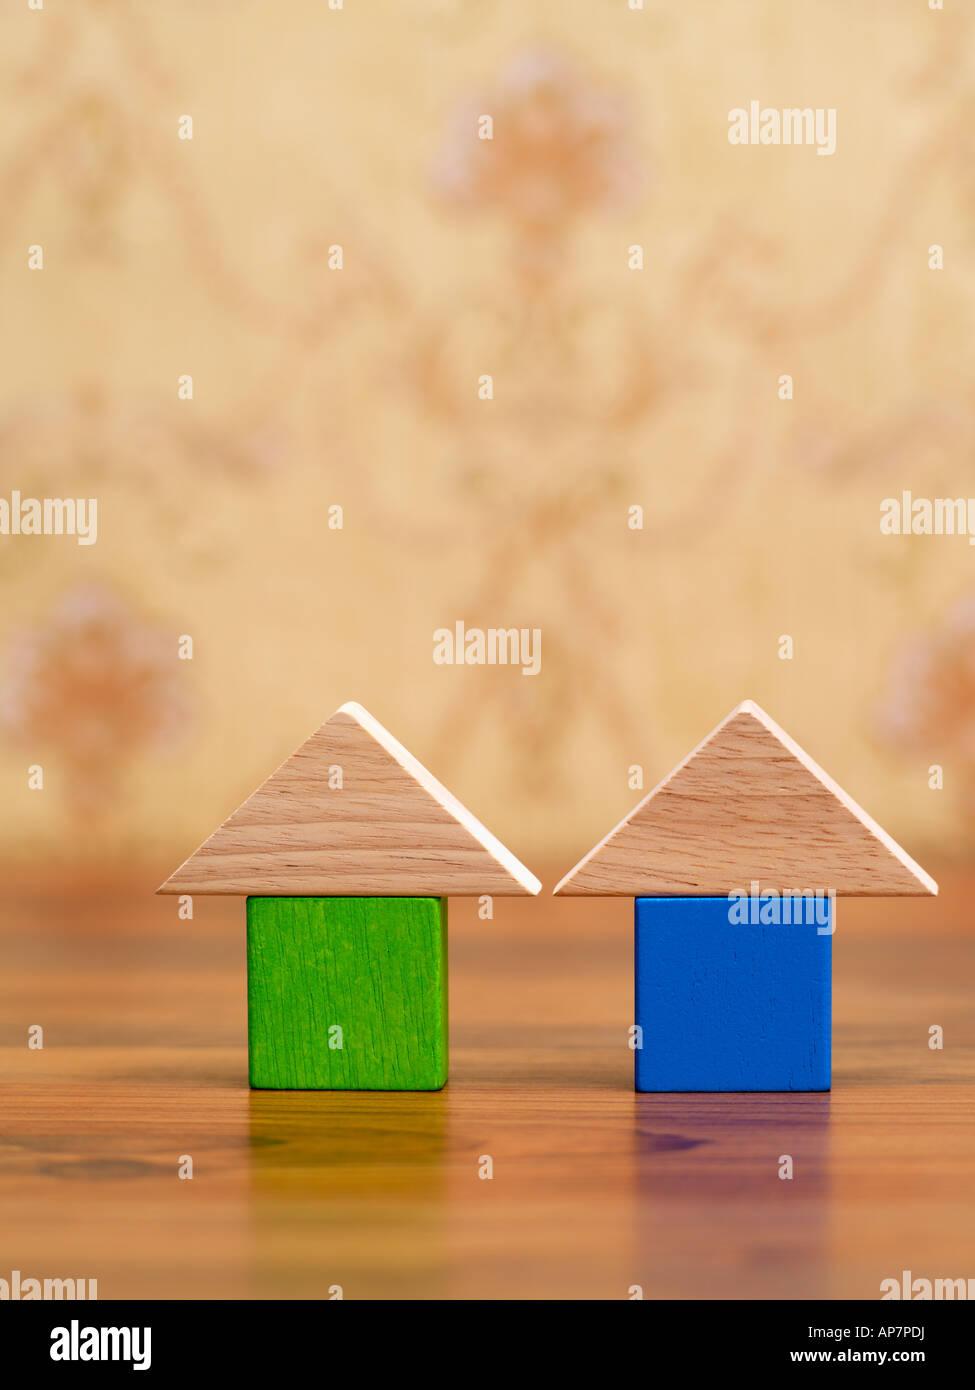 Casas de bloque de creación Imagen De Stock